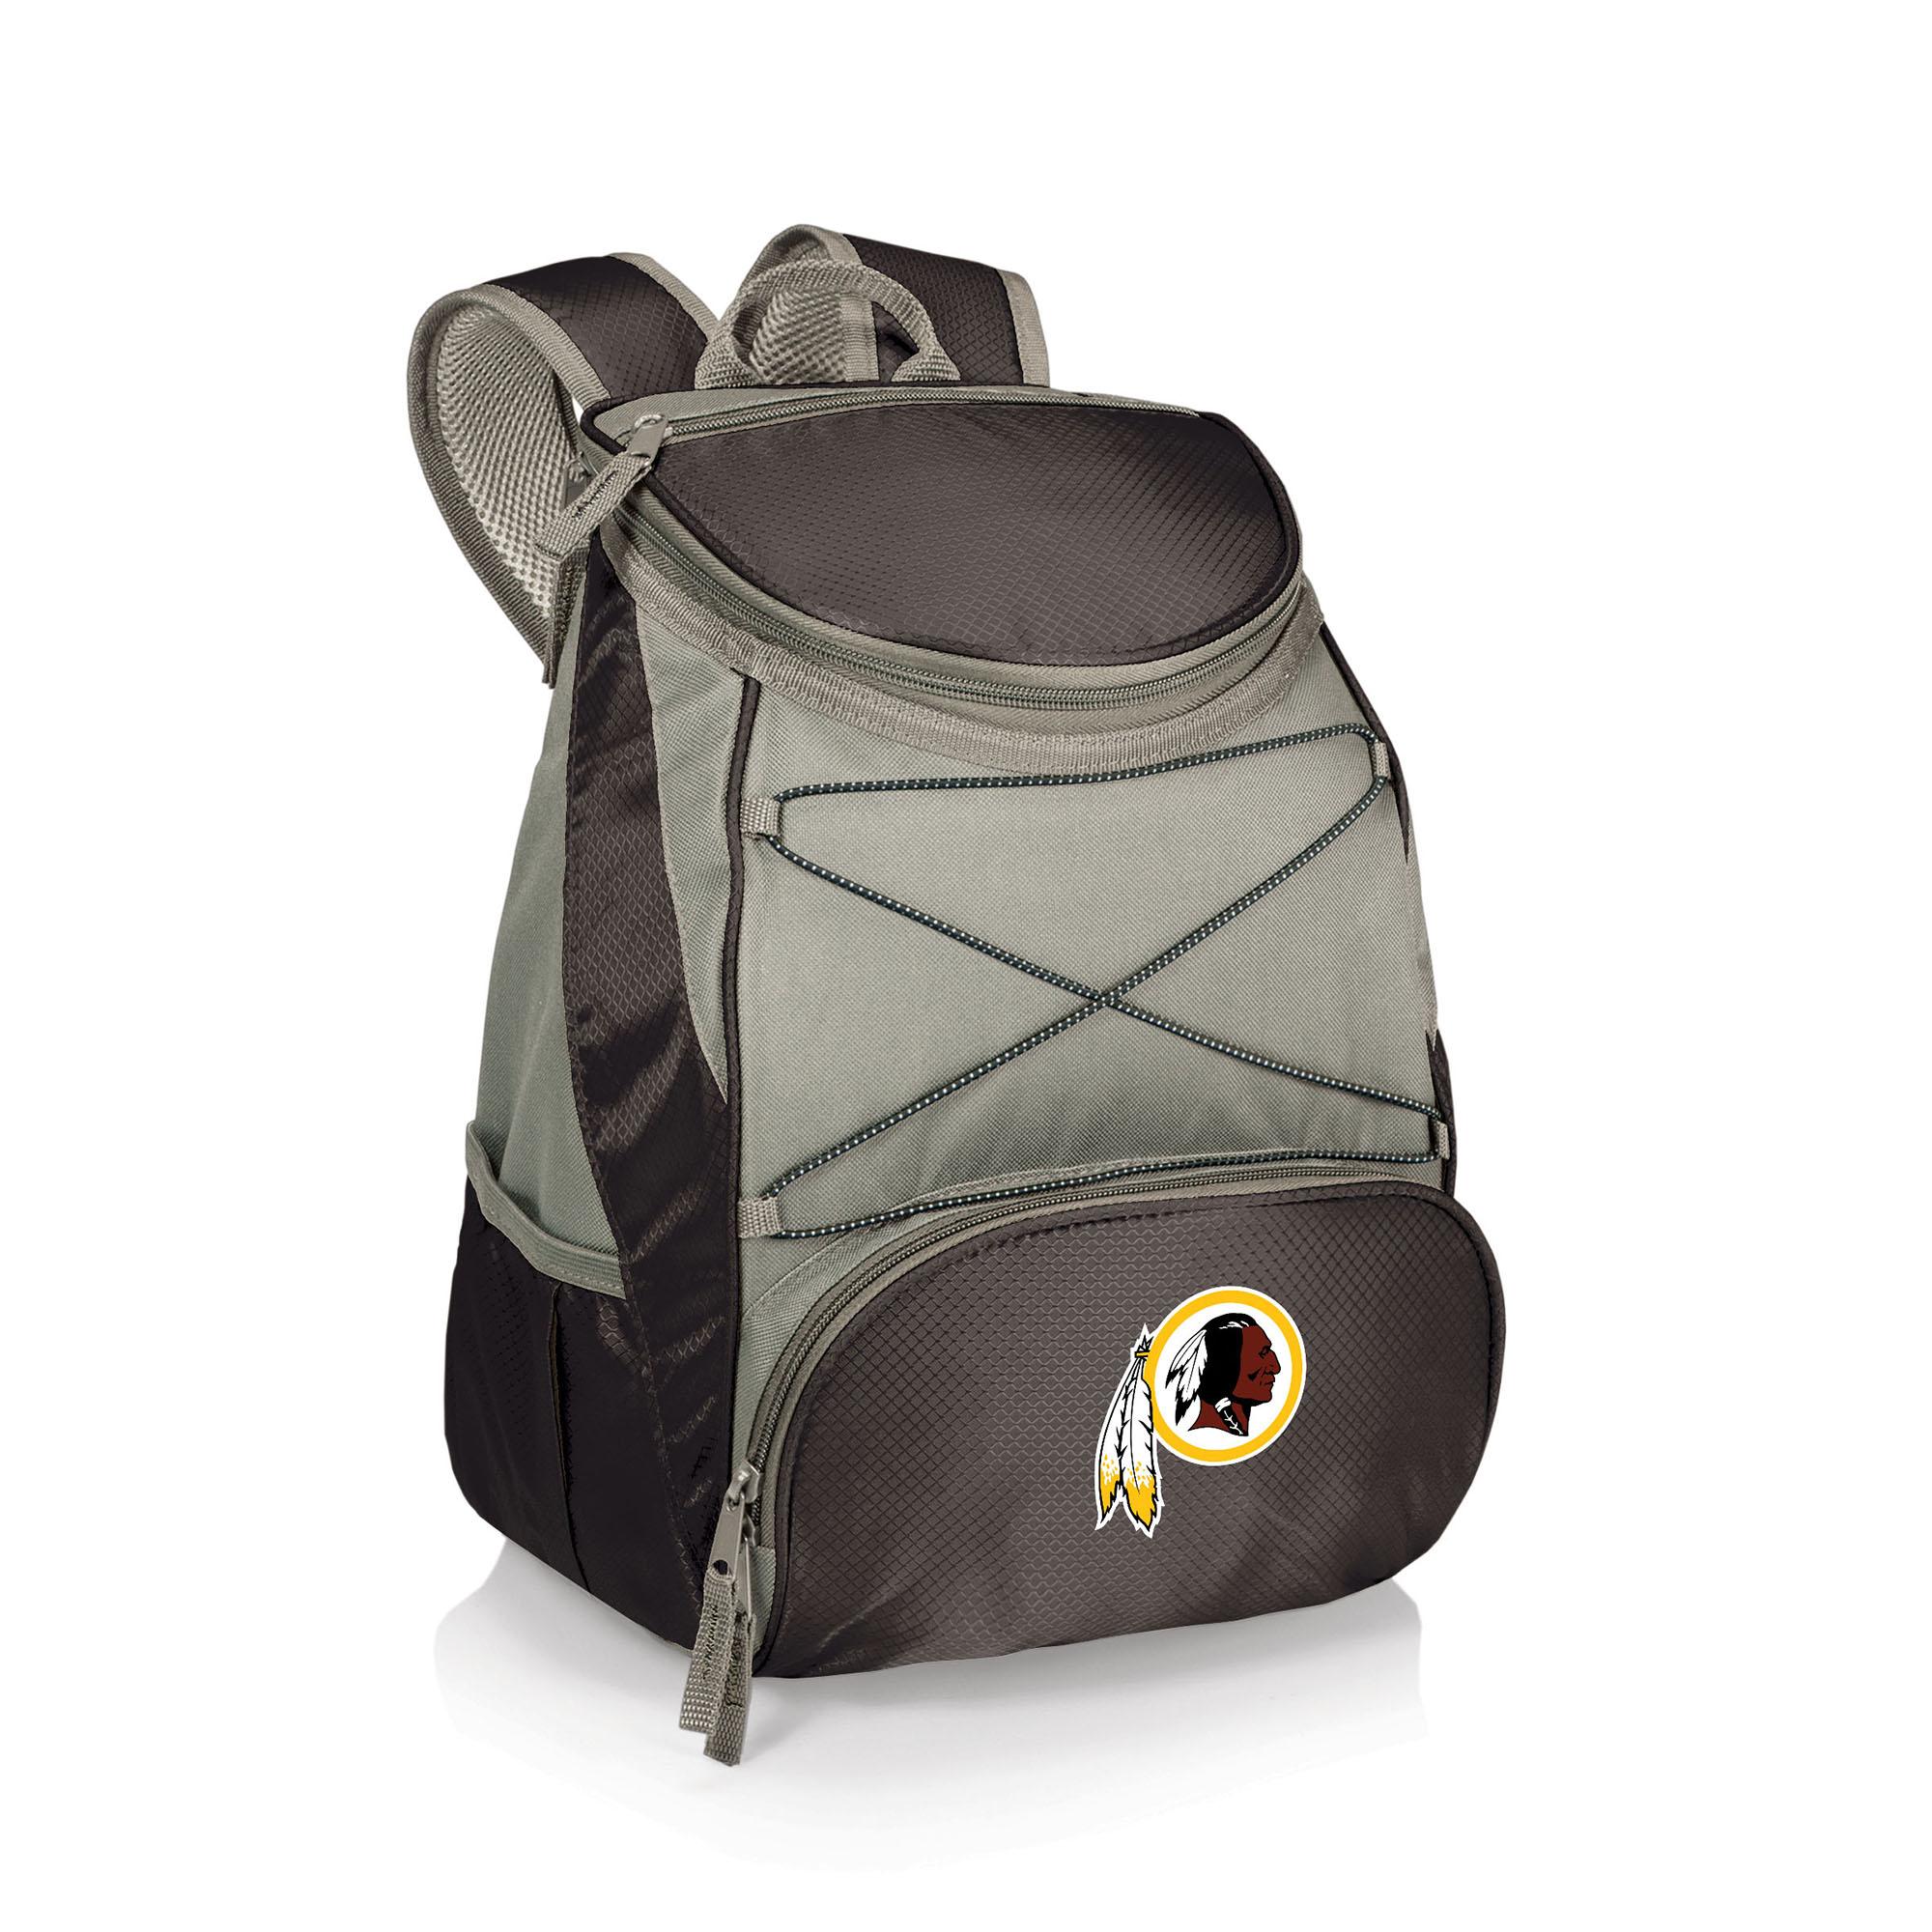 Washington Redskins PTX Backpack Cooler - Black - No Size